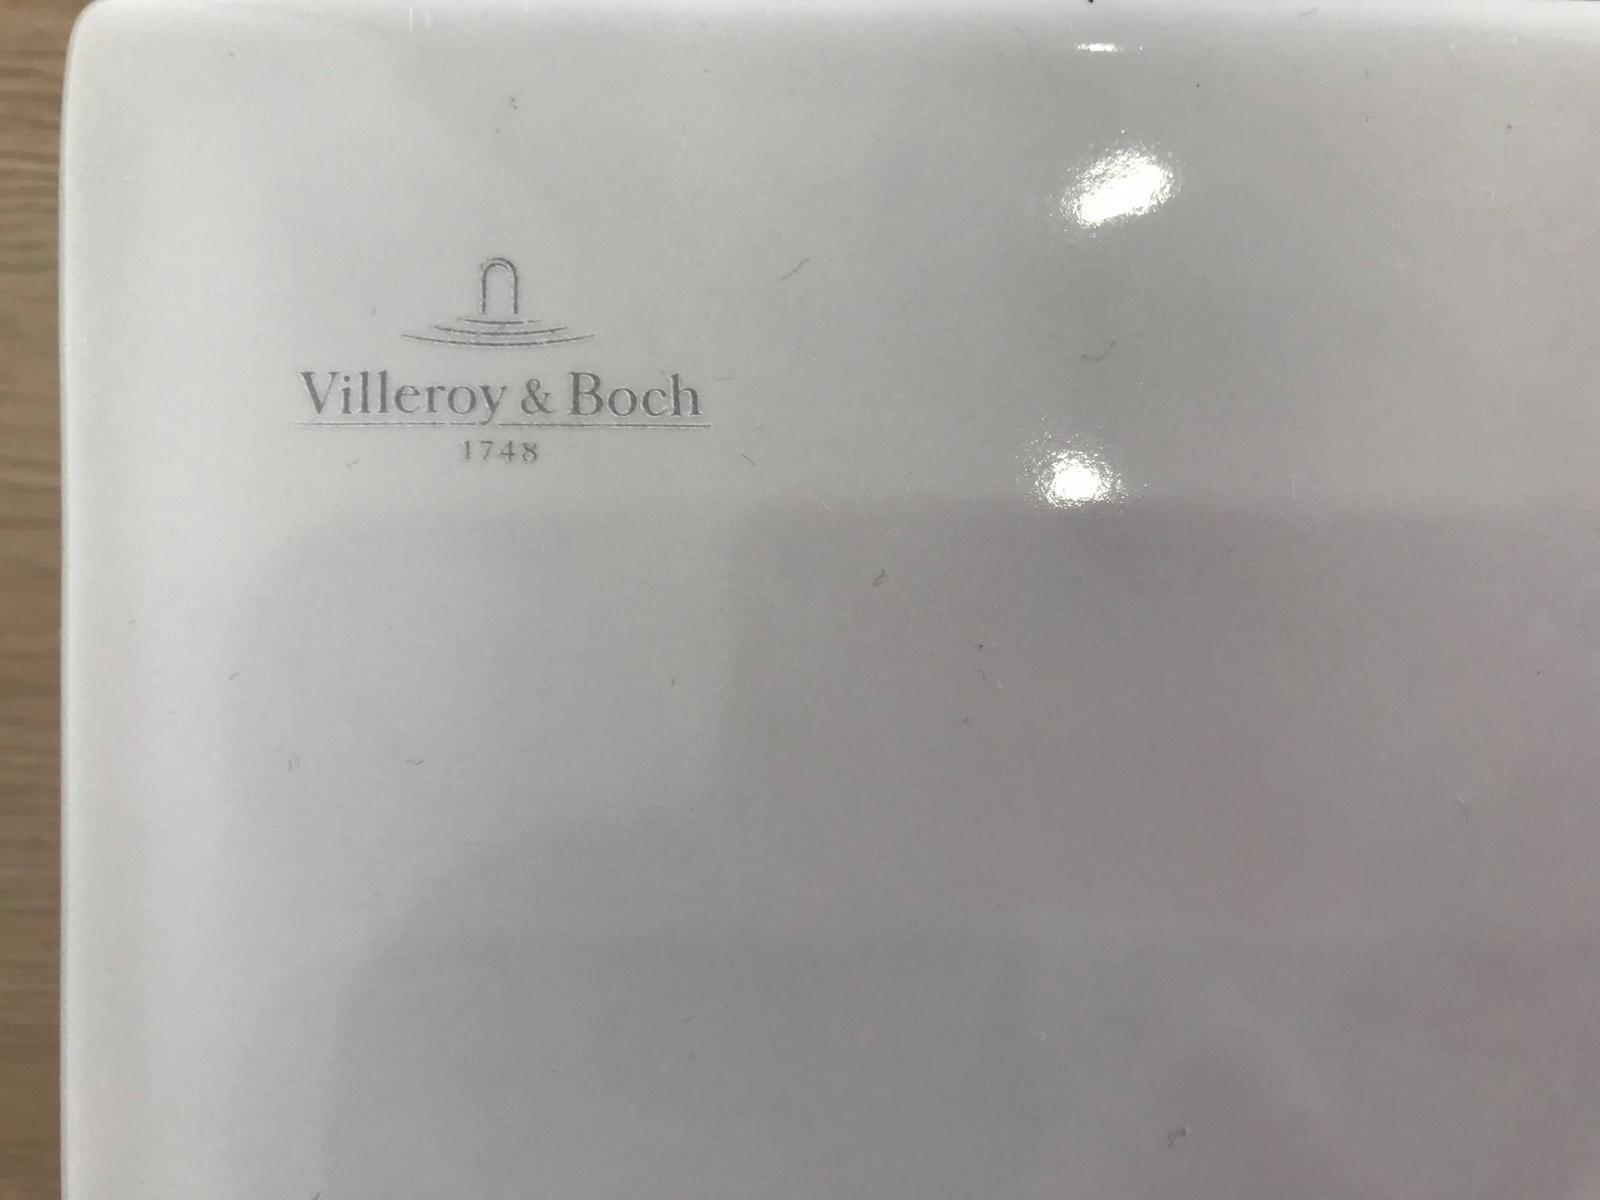 Umyvadlo Villeroy Boch - Obrázok č. 2